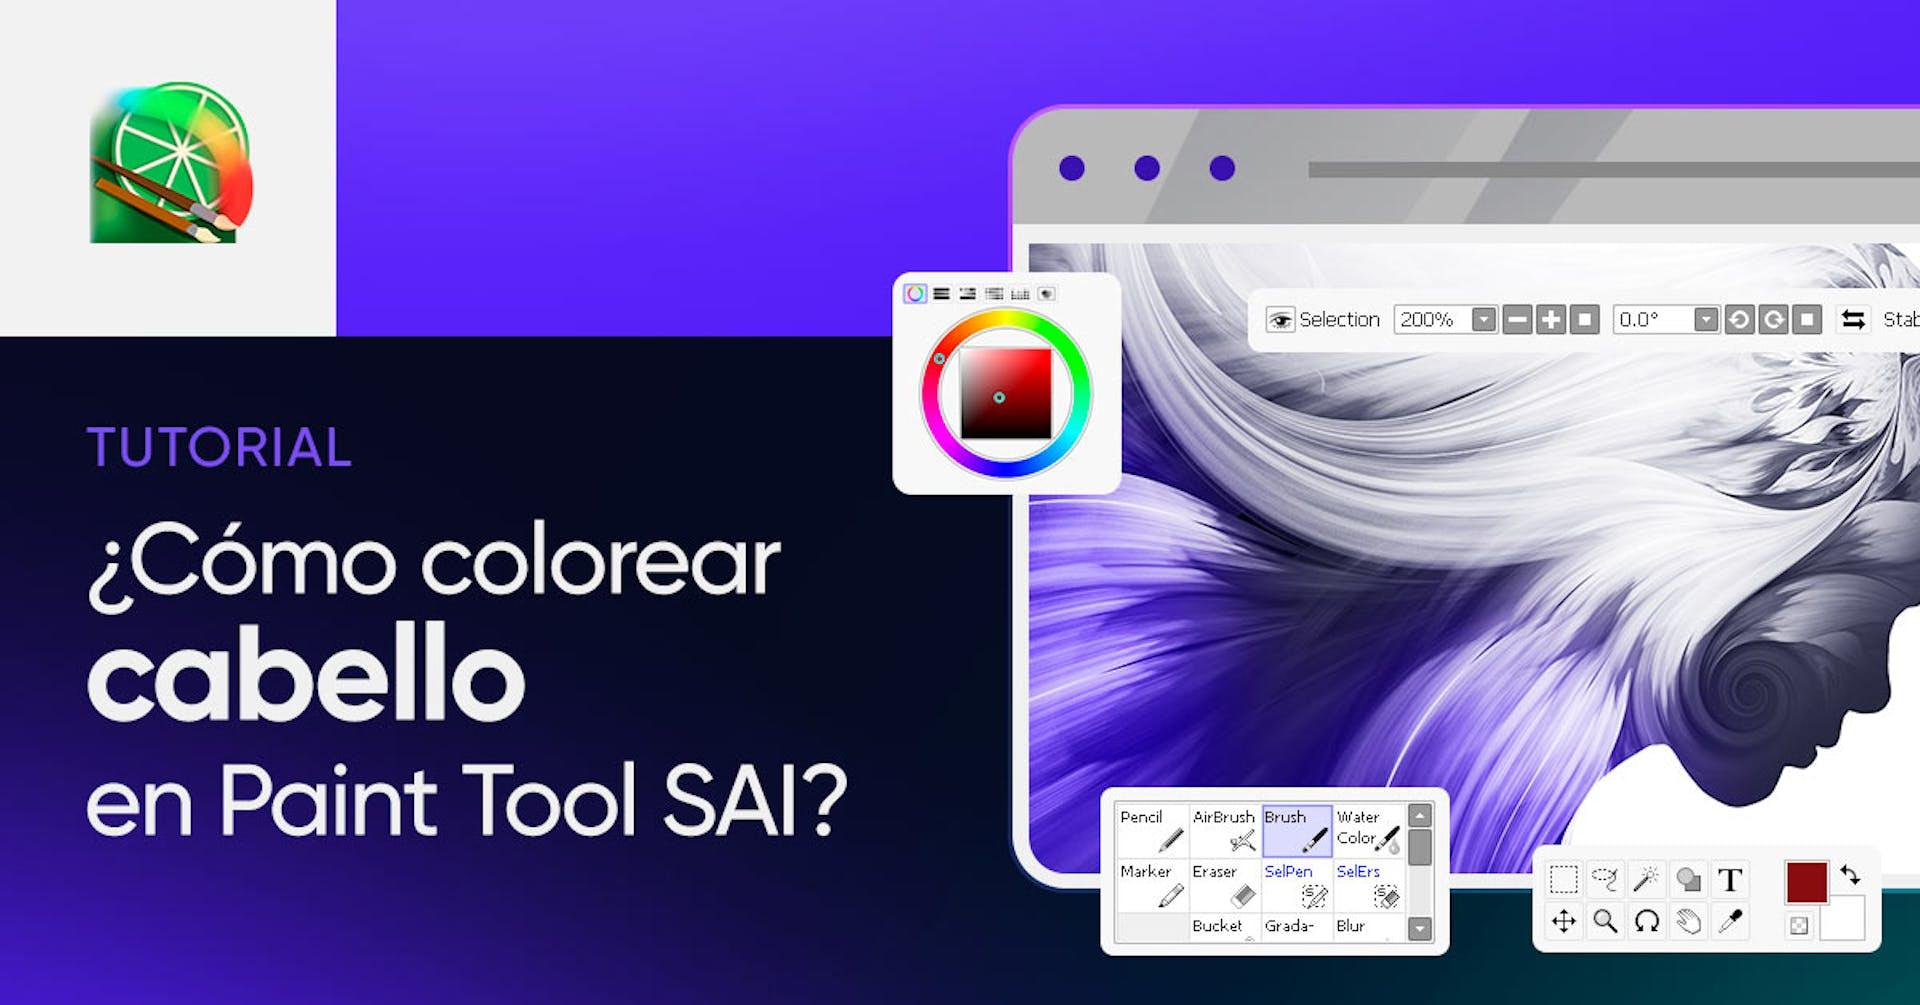 ¿Cómo colorear cabello en PaintTool SAI? Tutorial paso a paso